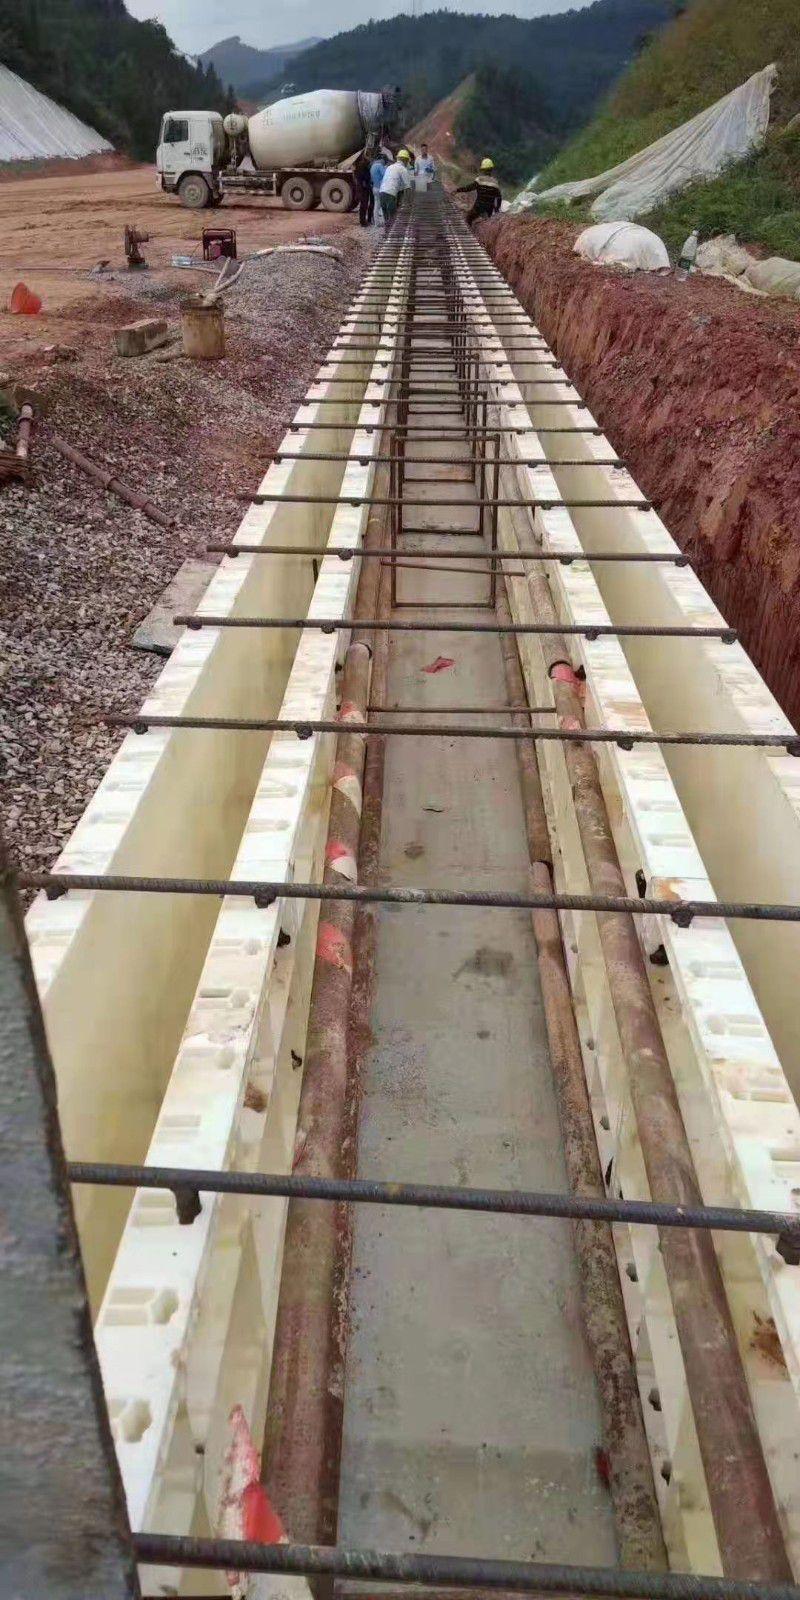 昌都地区察雅县拱形拱架塑料模板选择的十大